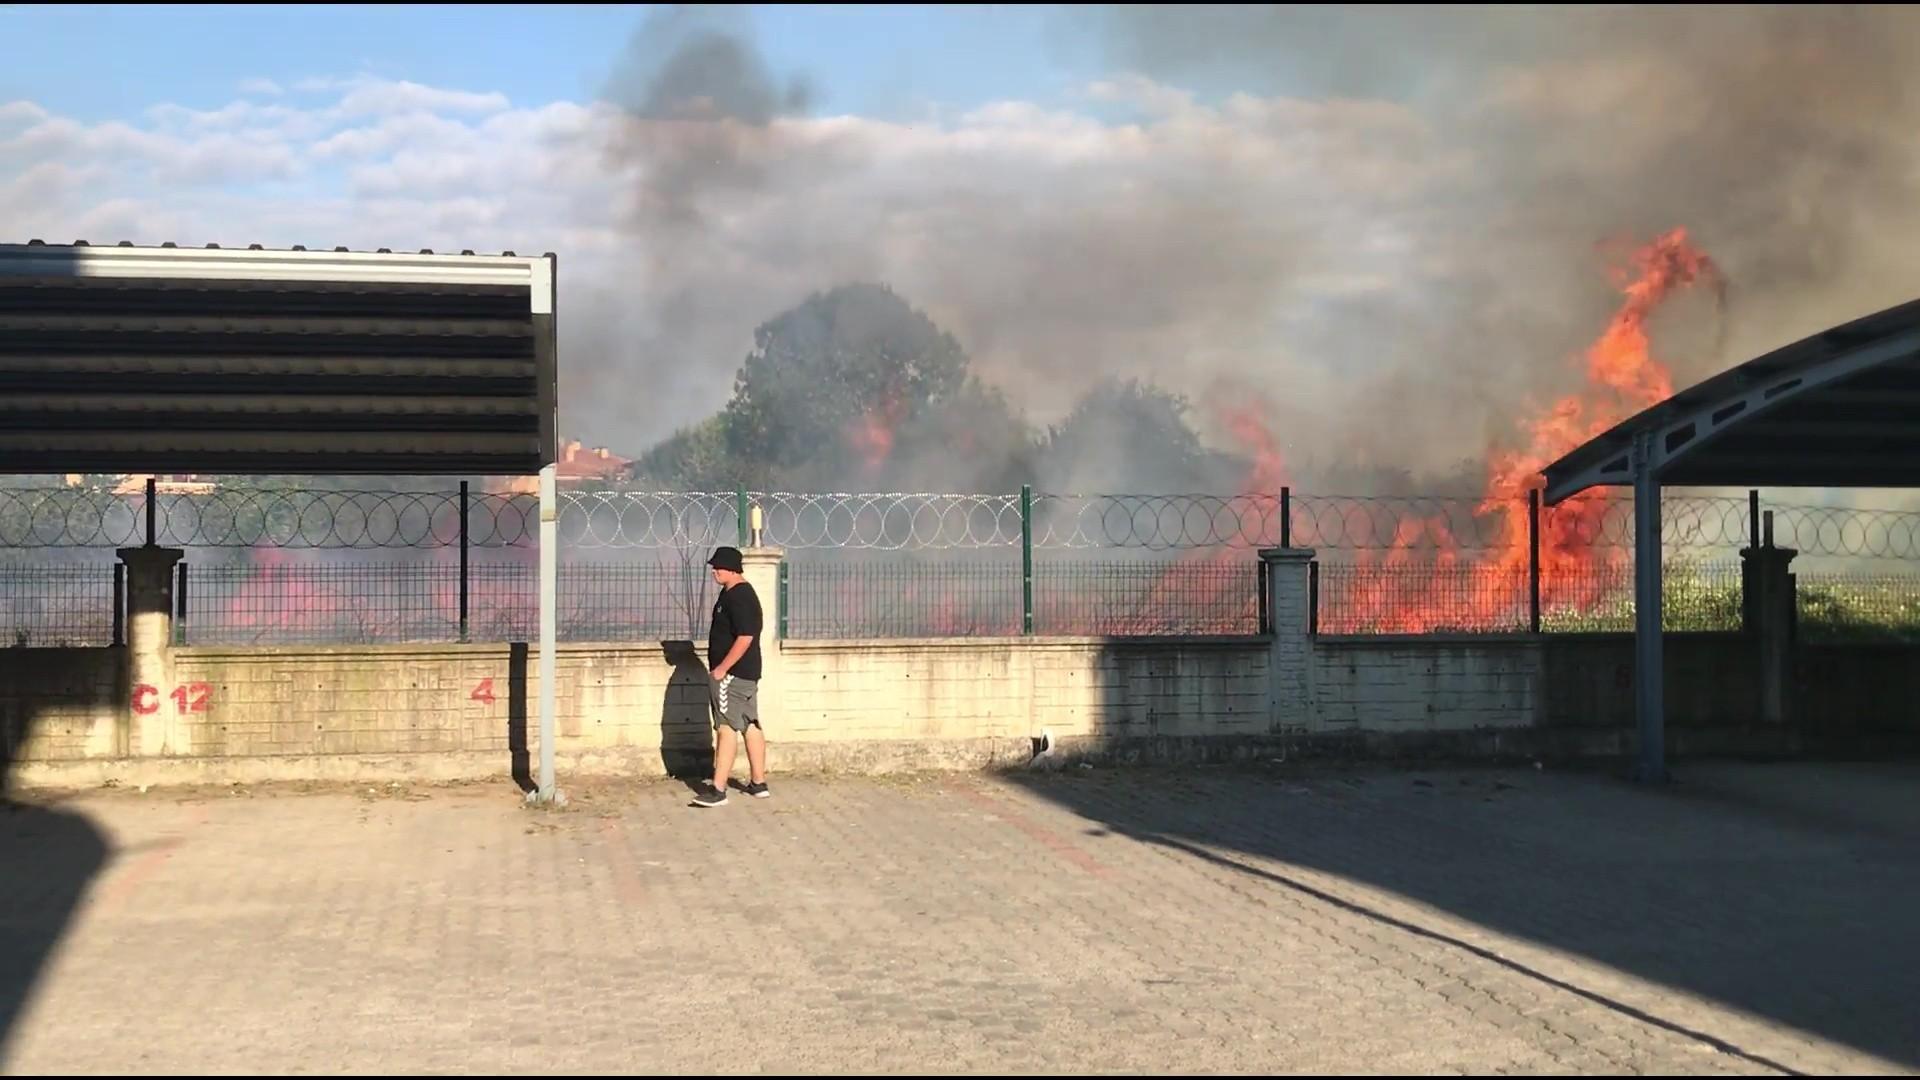 Düzce'de fındıklık alev alev yandı